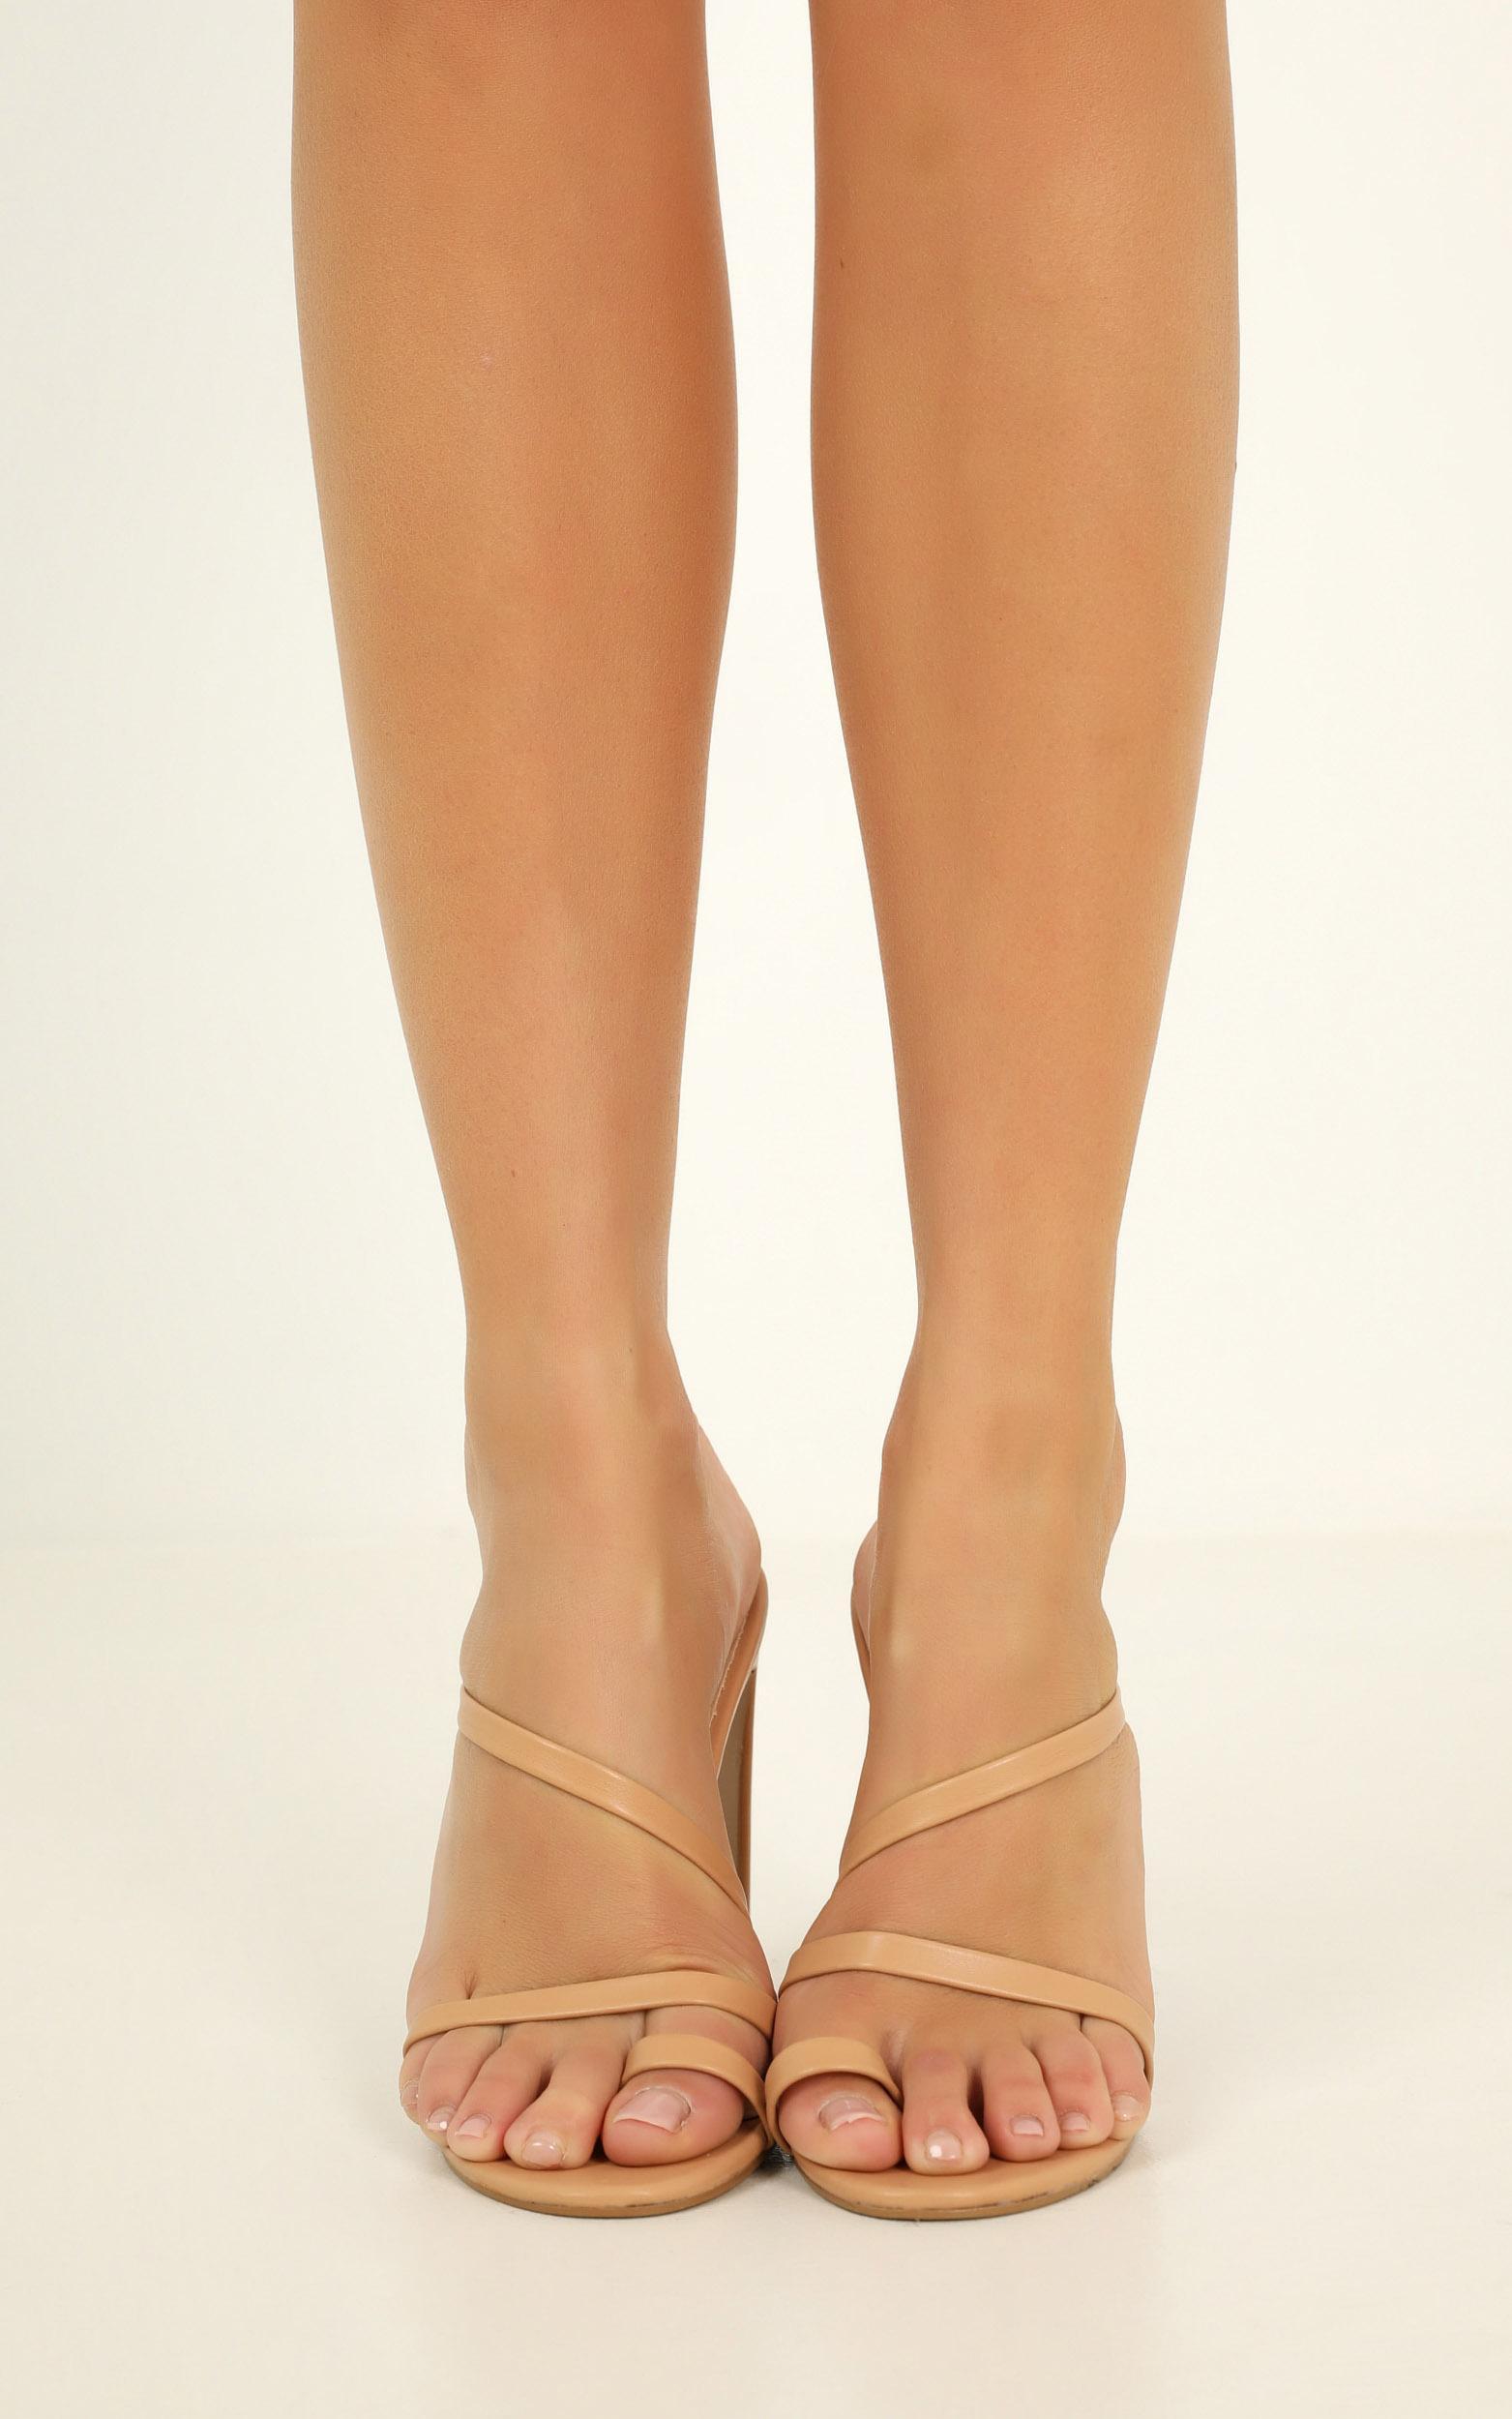 Billini - Douzten heels in dark nude - 10, Beige, hi-res image number null